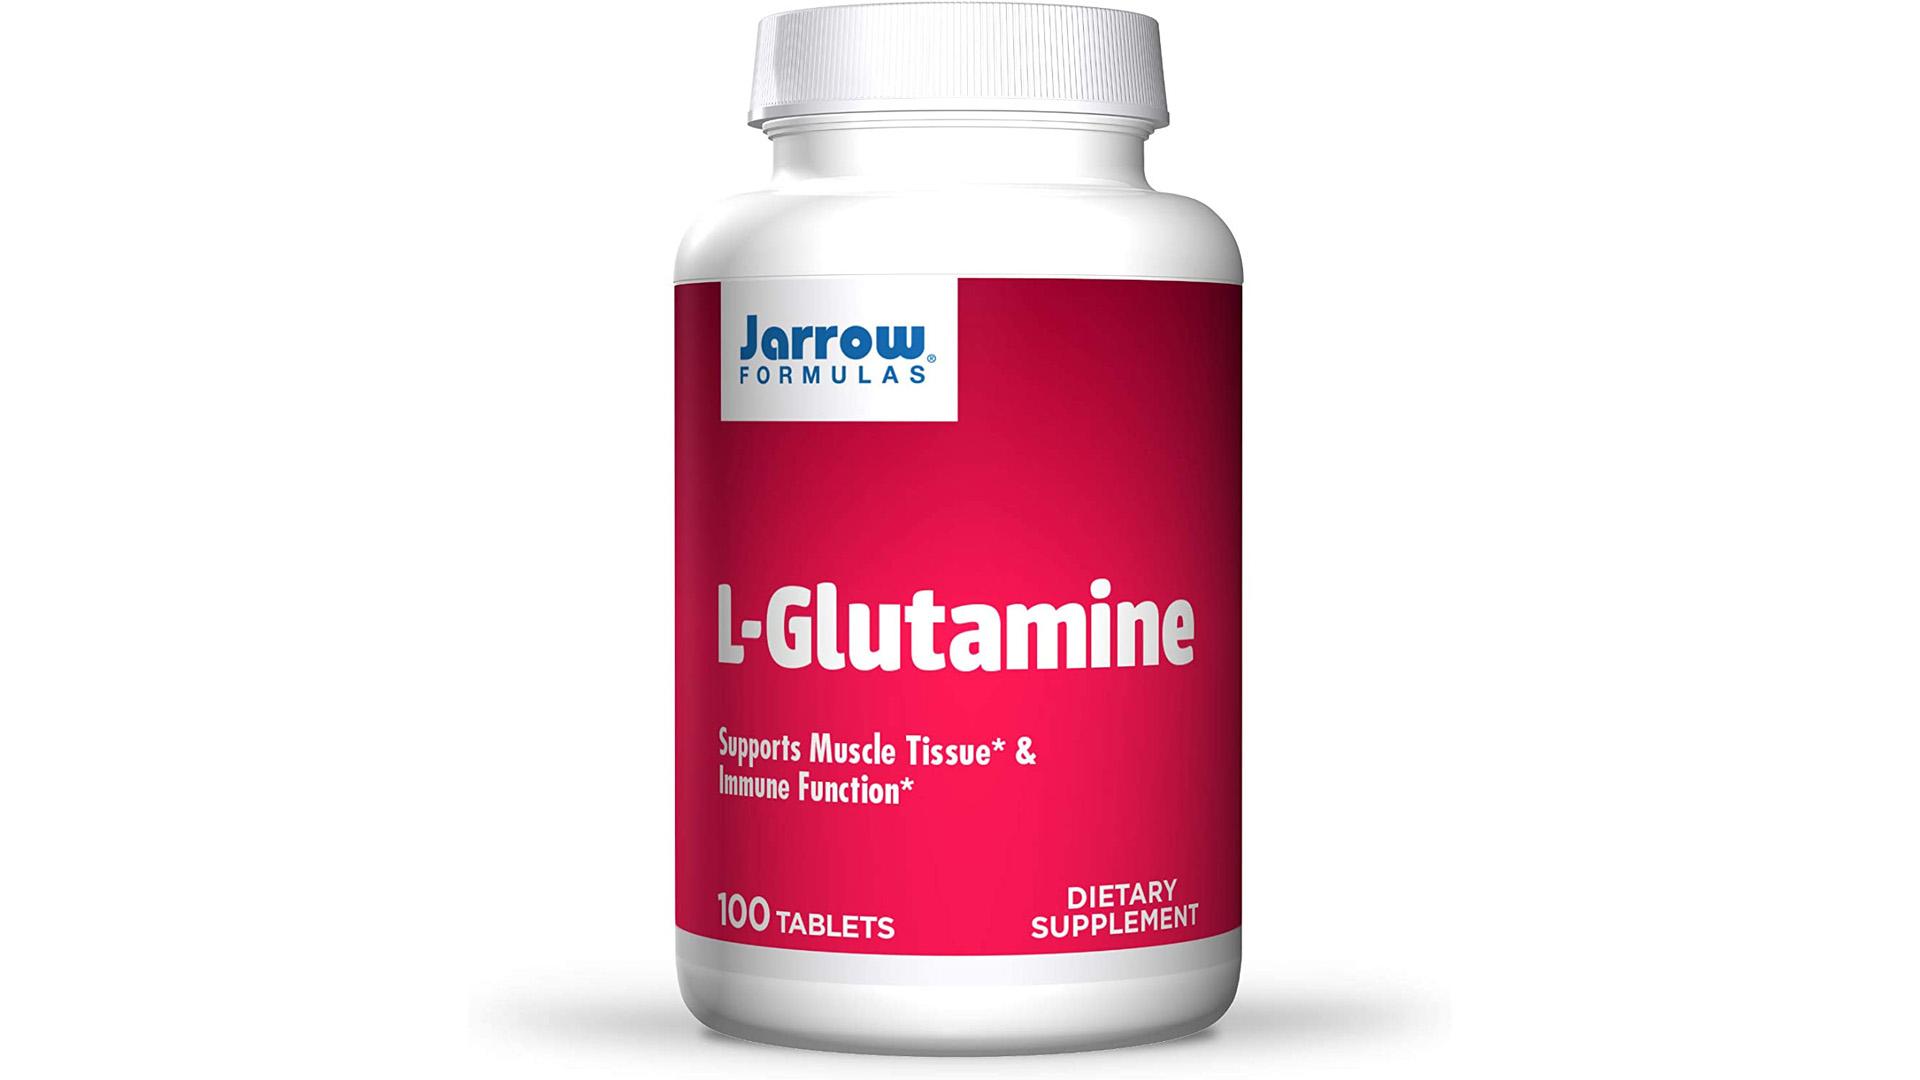 Jarrow Formulas Glutamine